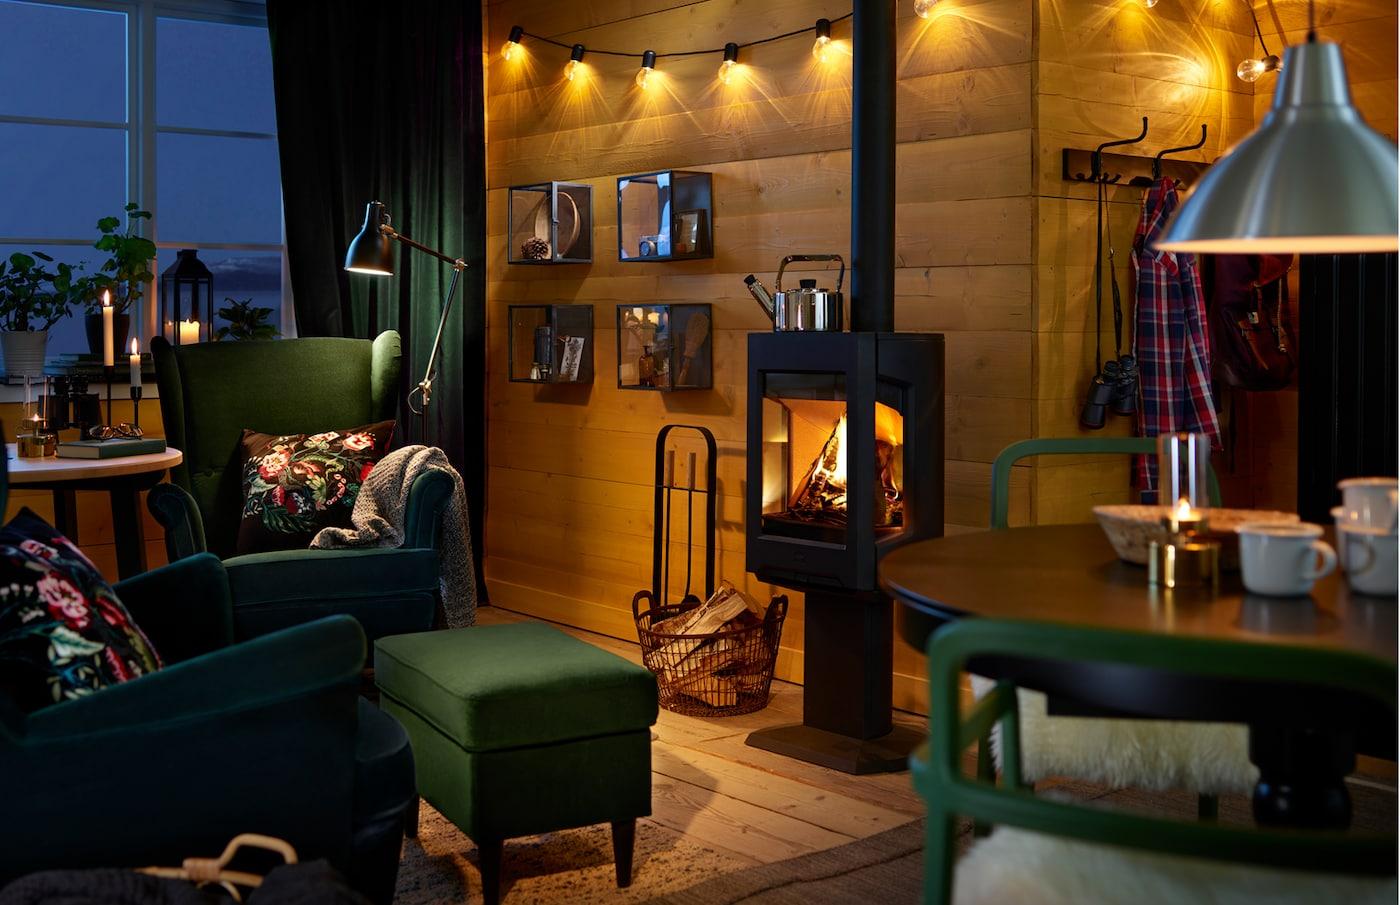 Salon meublé en vert et bleu, murs en planches et luminaires chaleureux